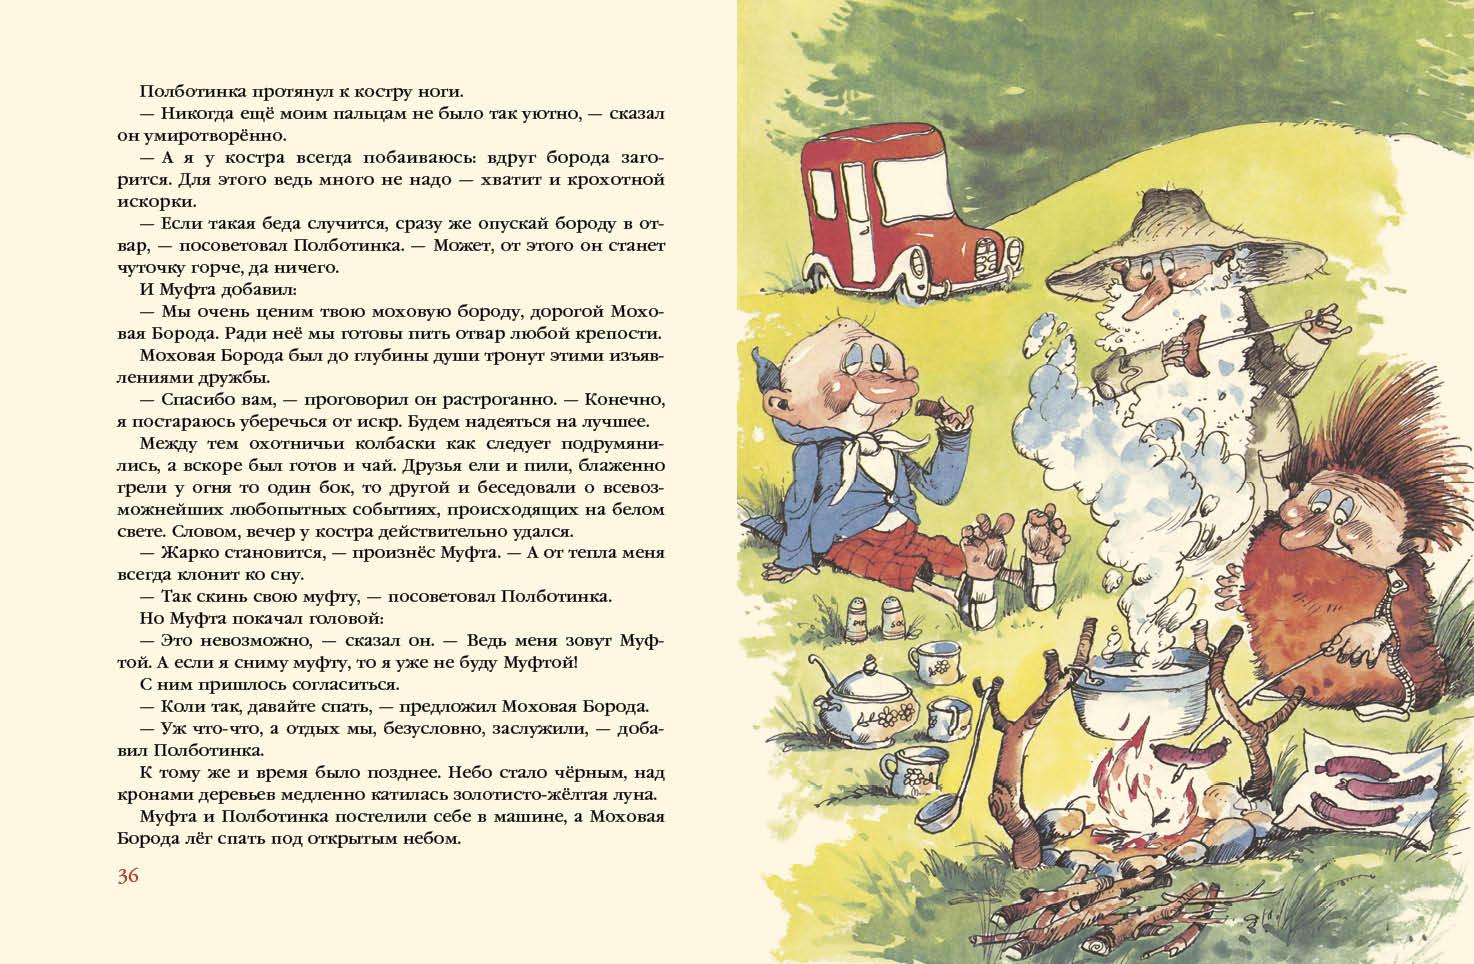 Книга Муфта Полботинка и Моховая Борода В 2х томах